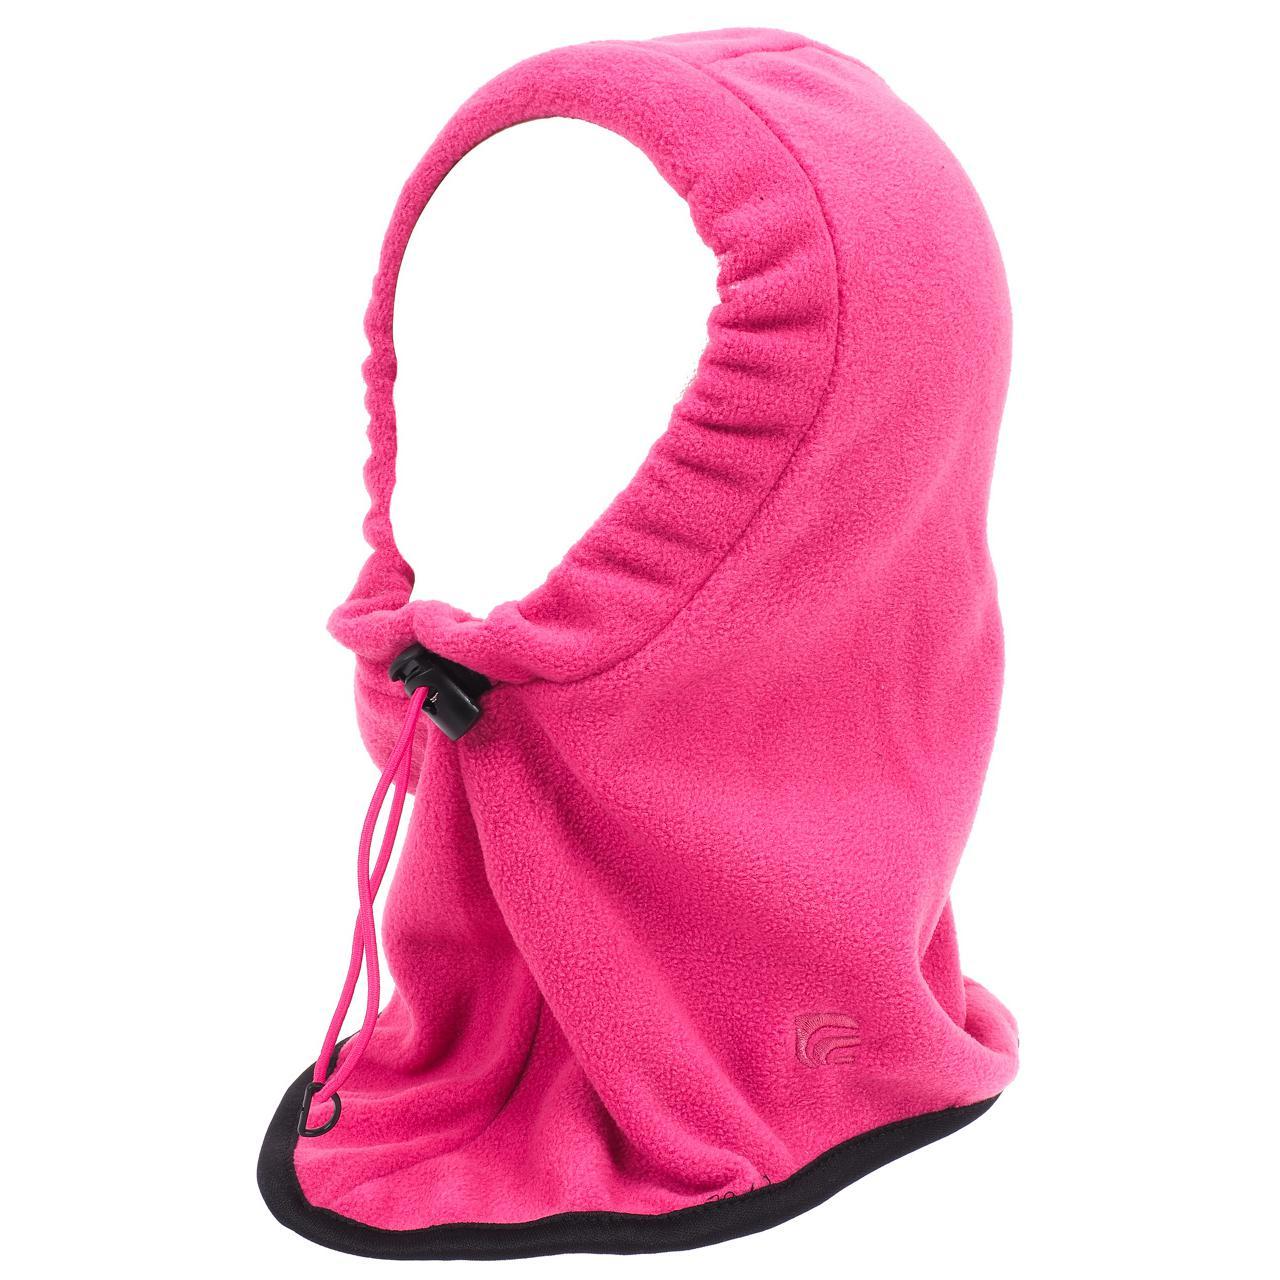 Hood-Winter-Cairn-Hood-Fus-Polar-G-Pink-31208-New